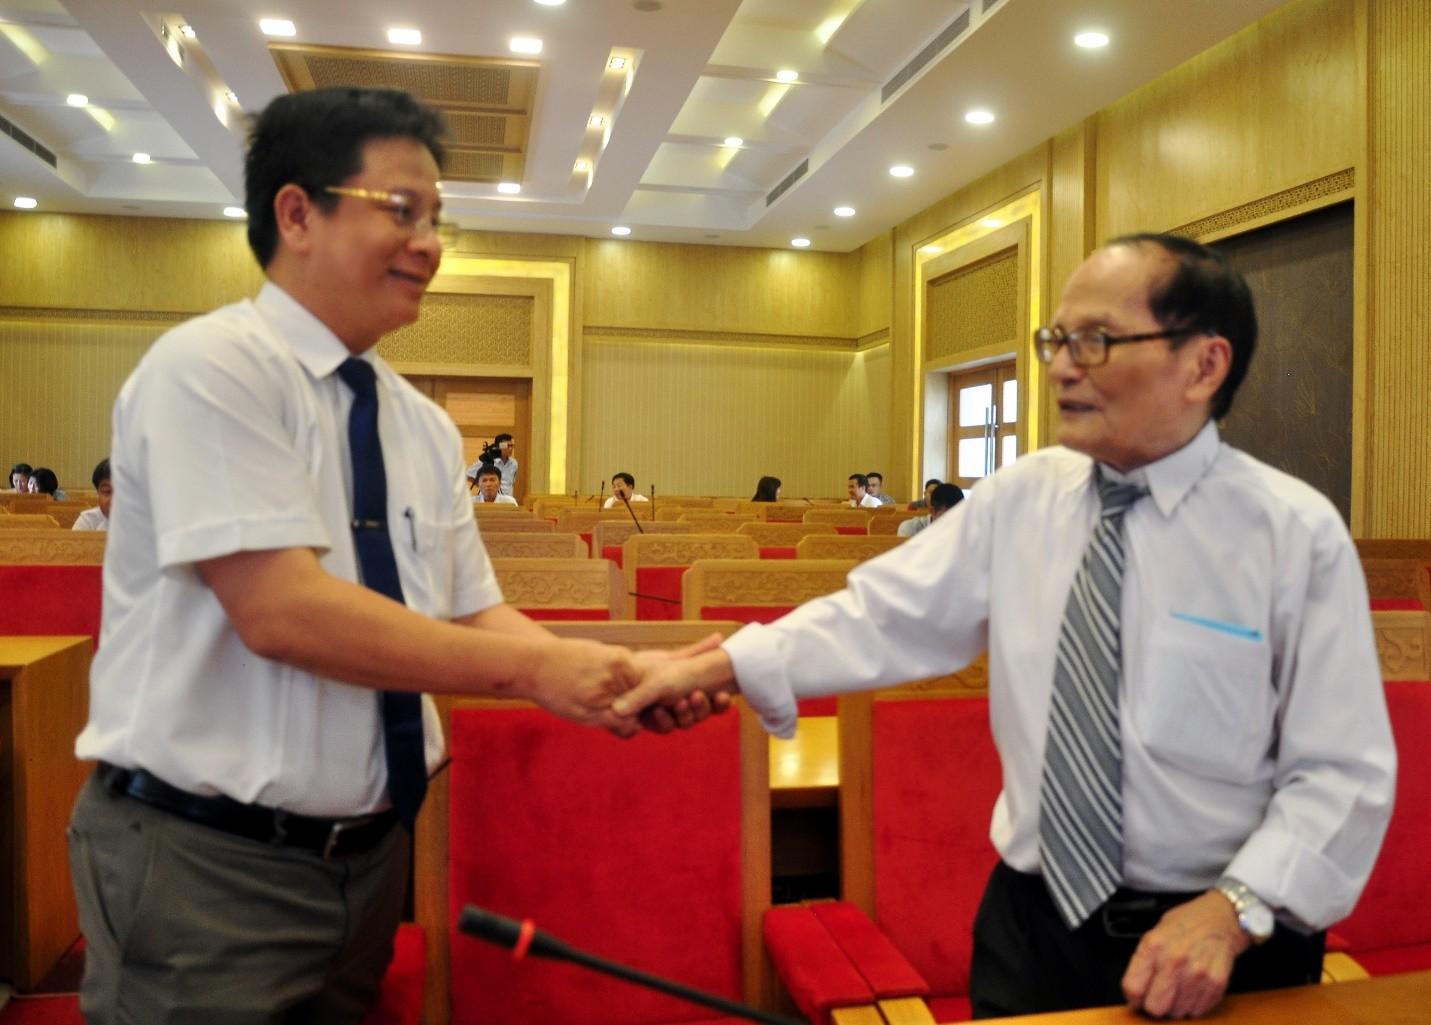 Nhà báo lão thành, nhà thơ Giang Nam, Nguyên Phó chủ tịch UBND tỉnh và ông Hồ Văn Mừng, Trưởng Ban Tuyên Giáo Tỉnh Ủy Khánh Hòa dự lễ kỷ niệm.